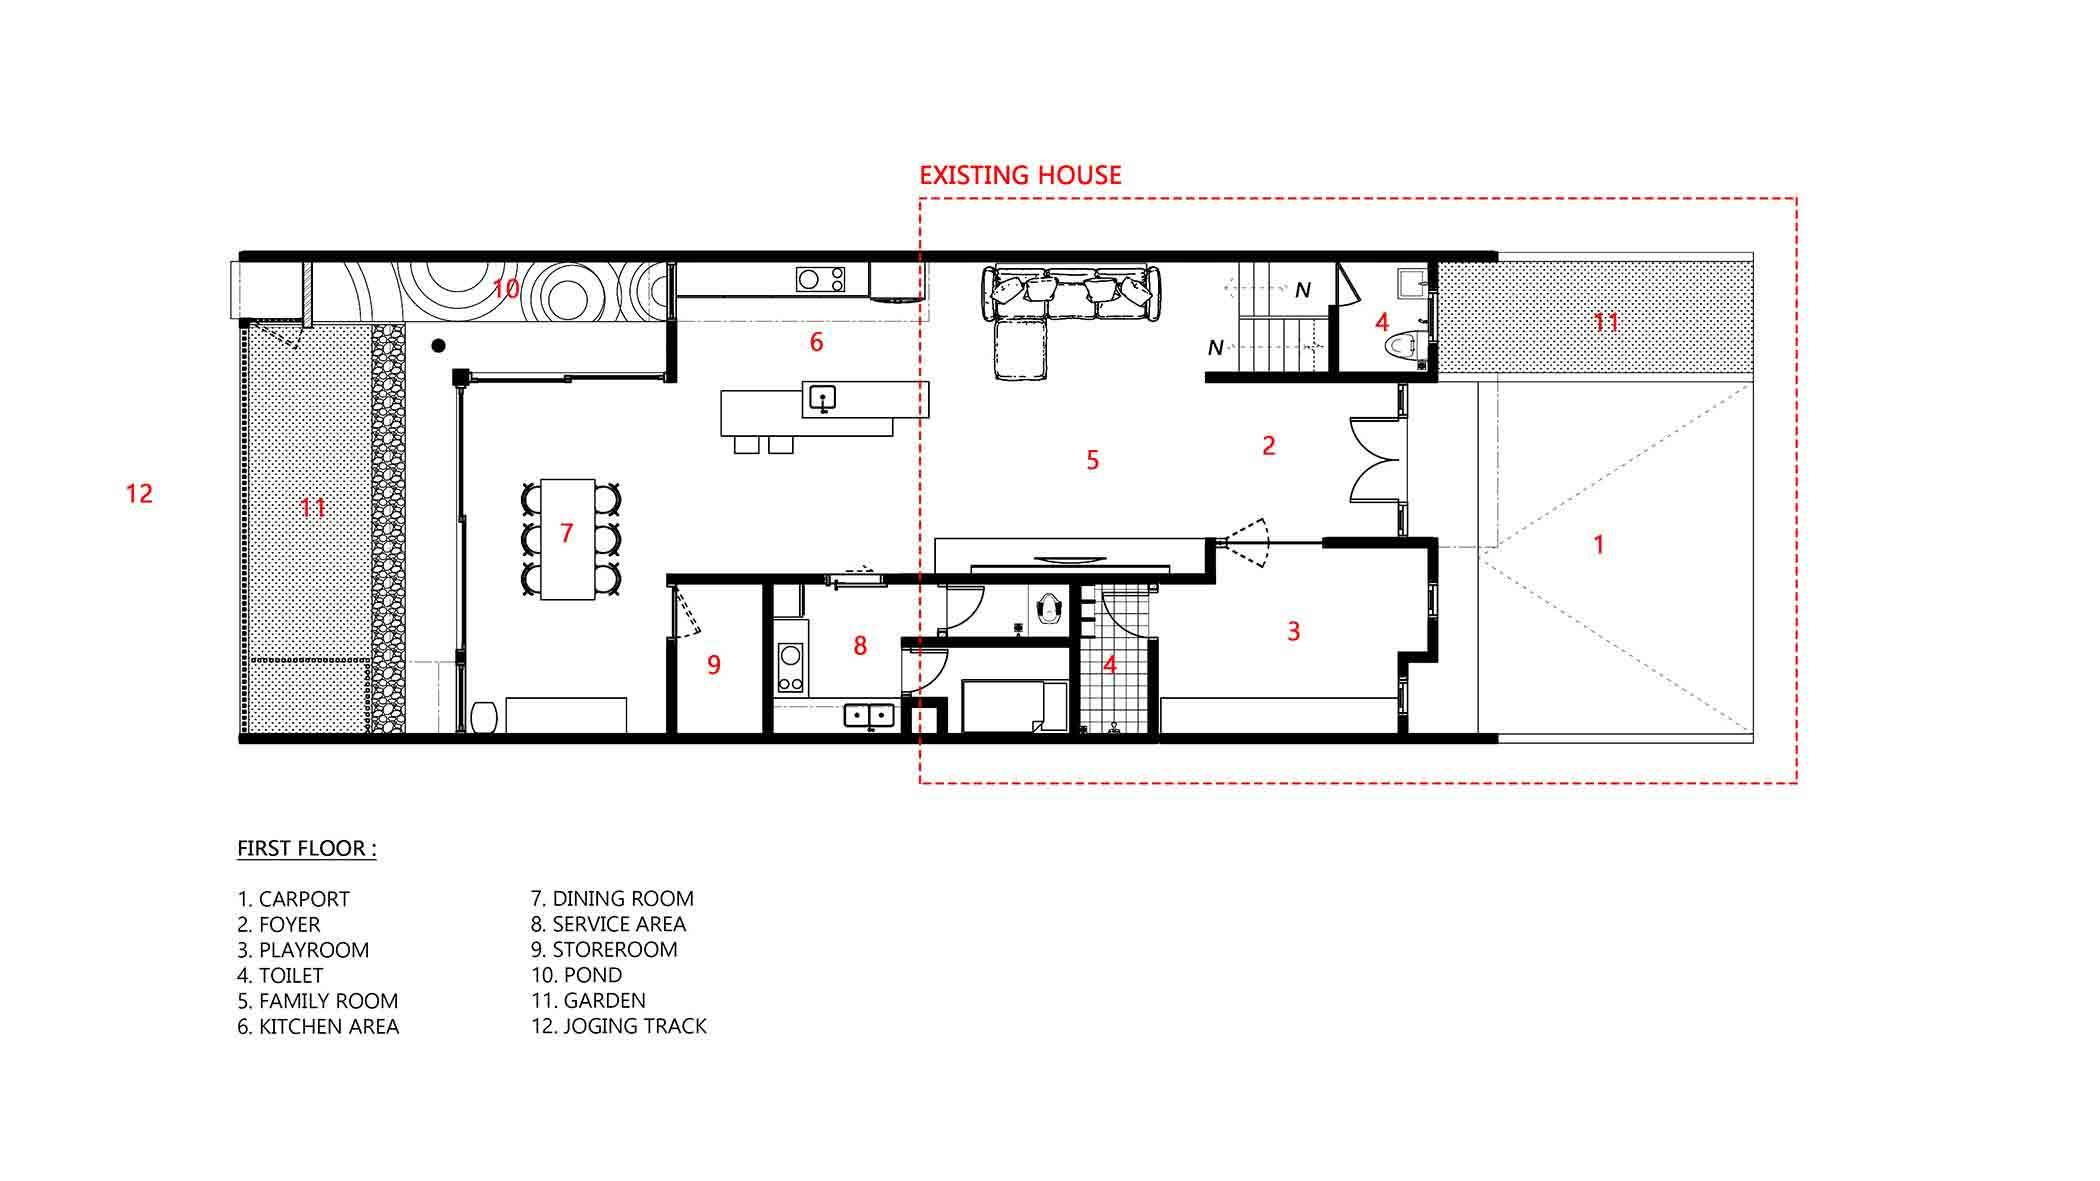 Denah lantai satu yang berisi ruang utama seperti ruang keluarga, ruang makan, dan dapur (Dok: Atelier ARA)